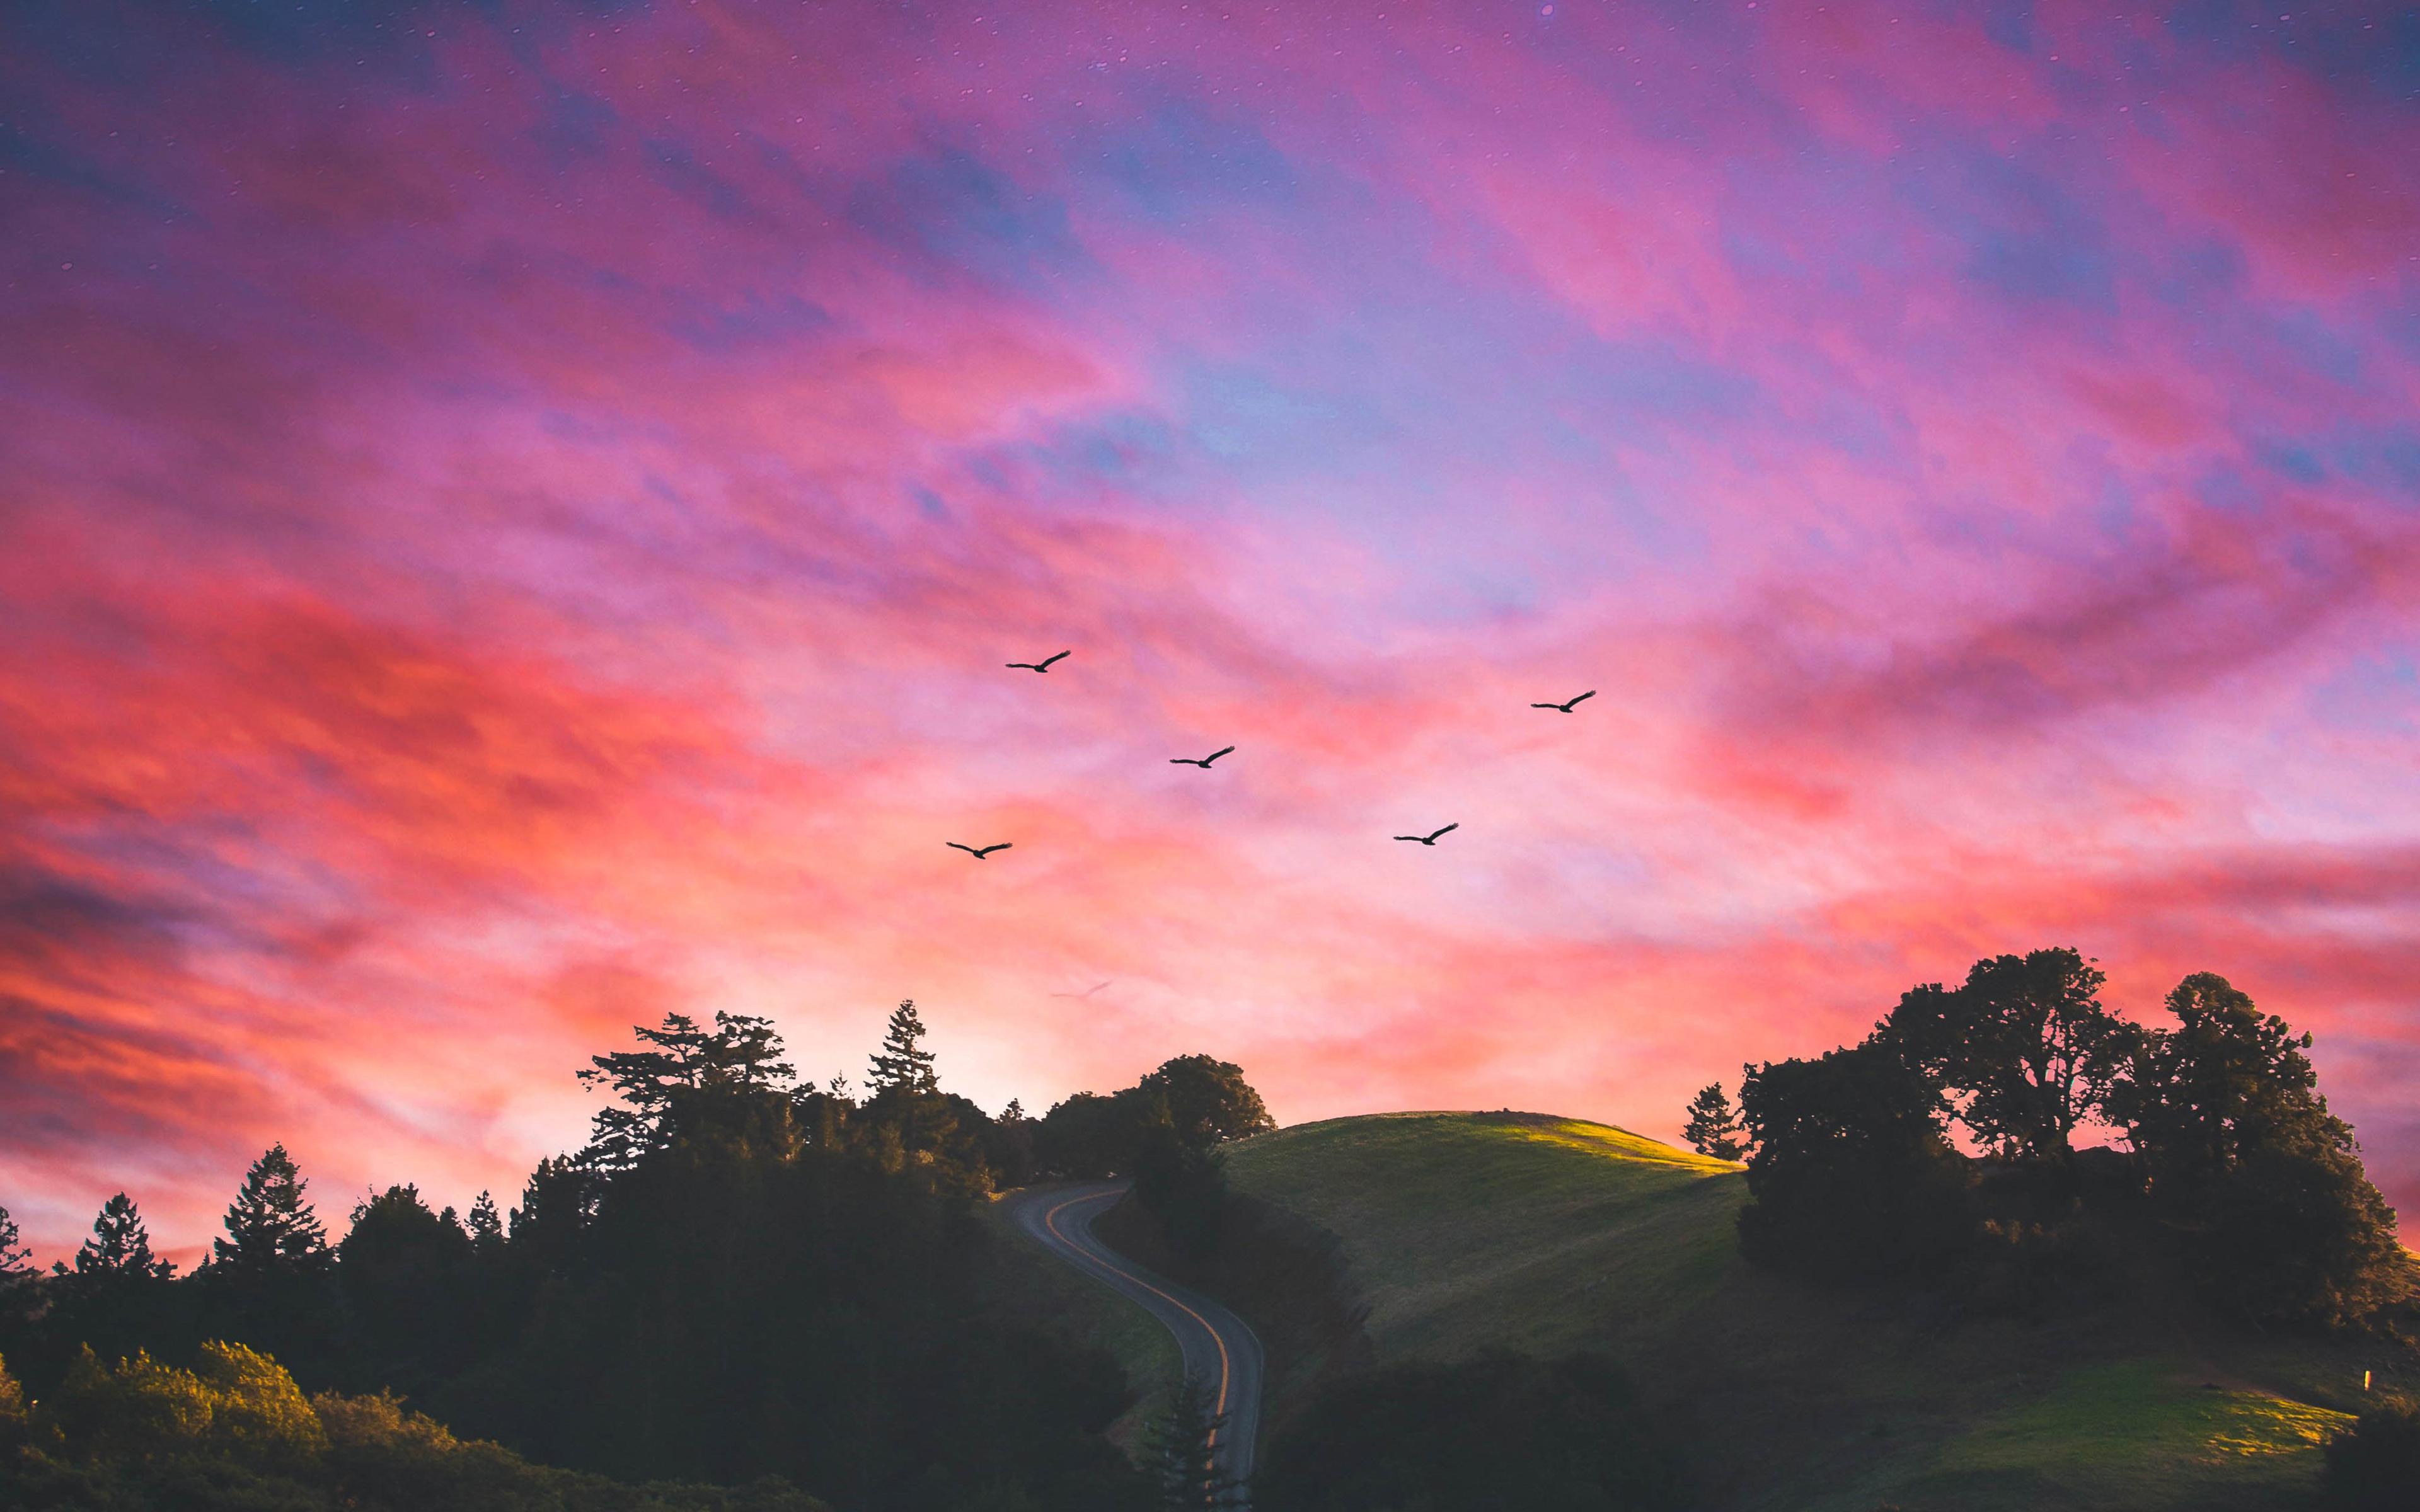 horizons-of-nature-mj.jpg